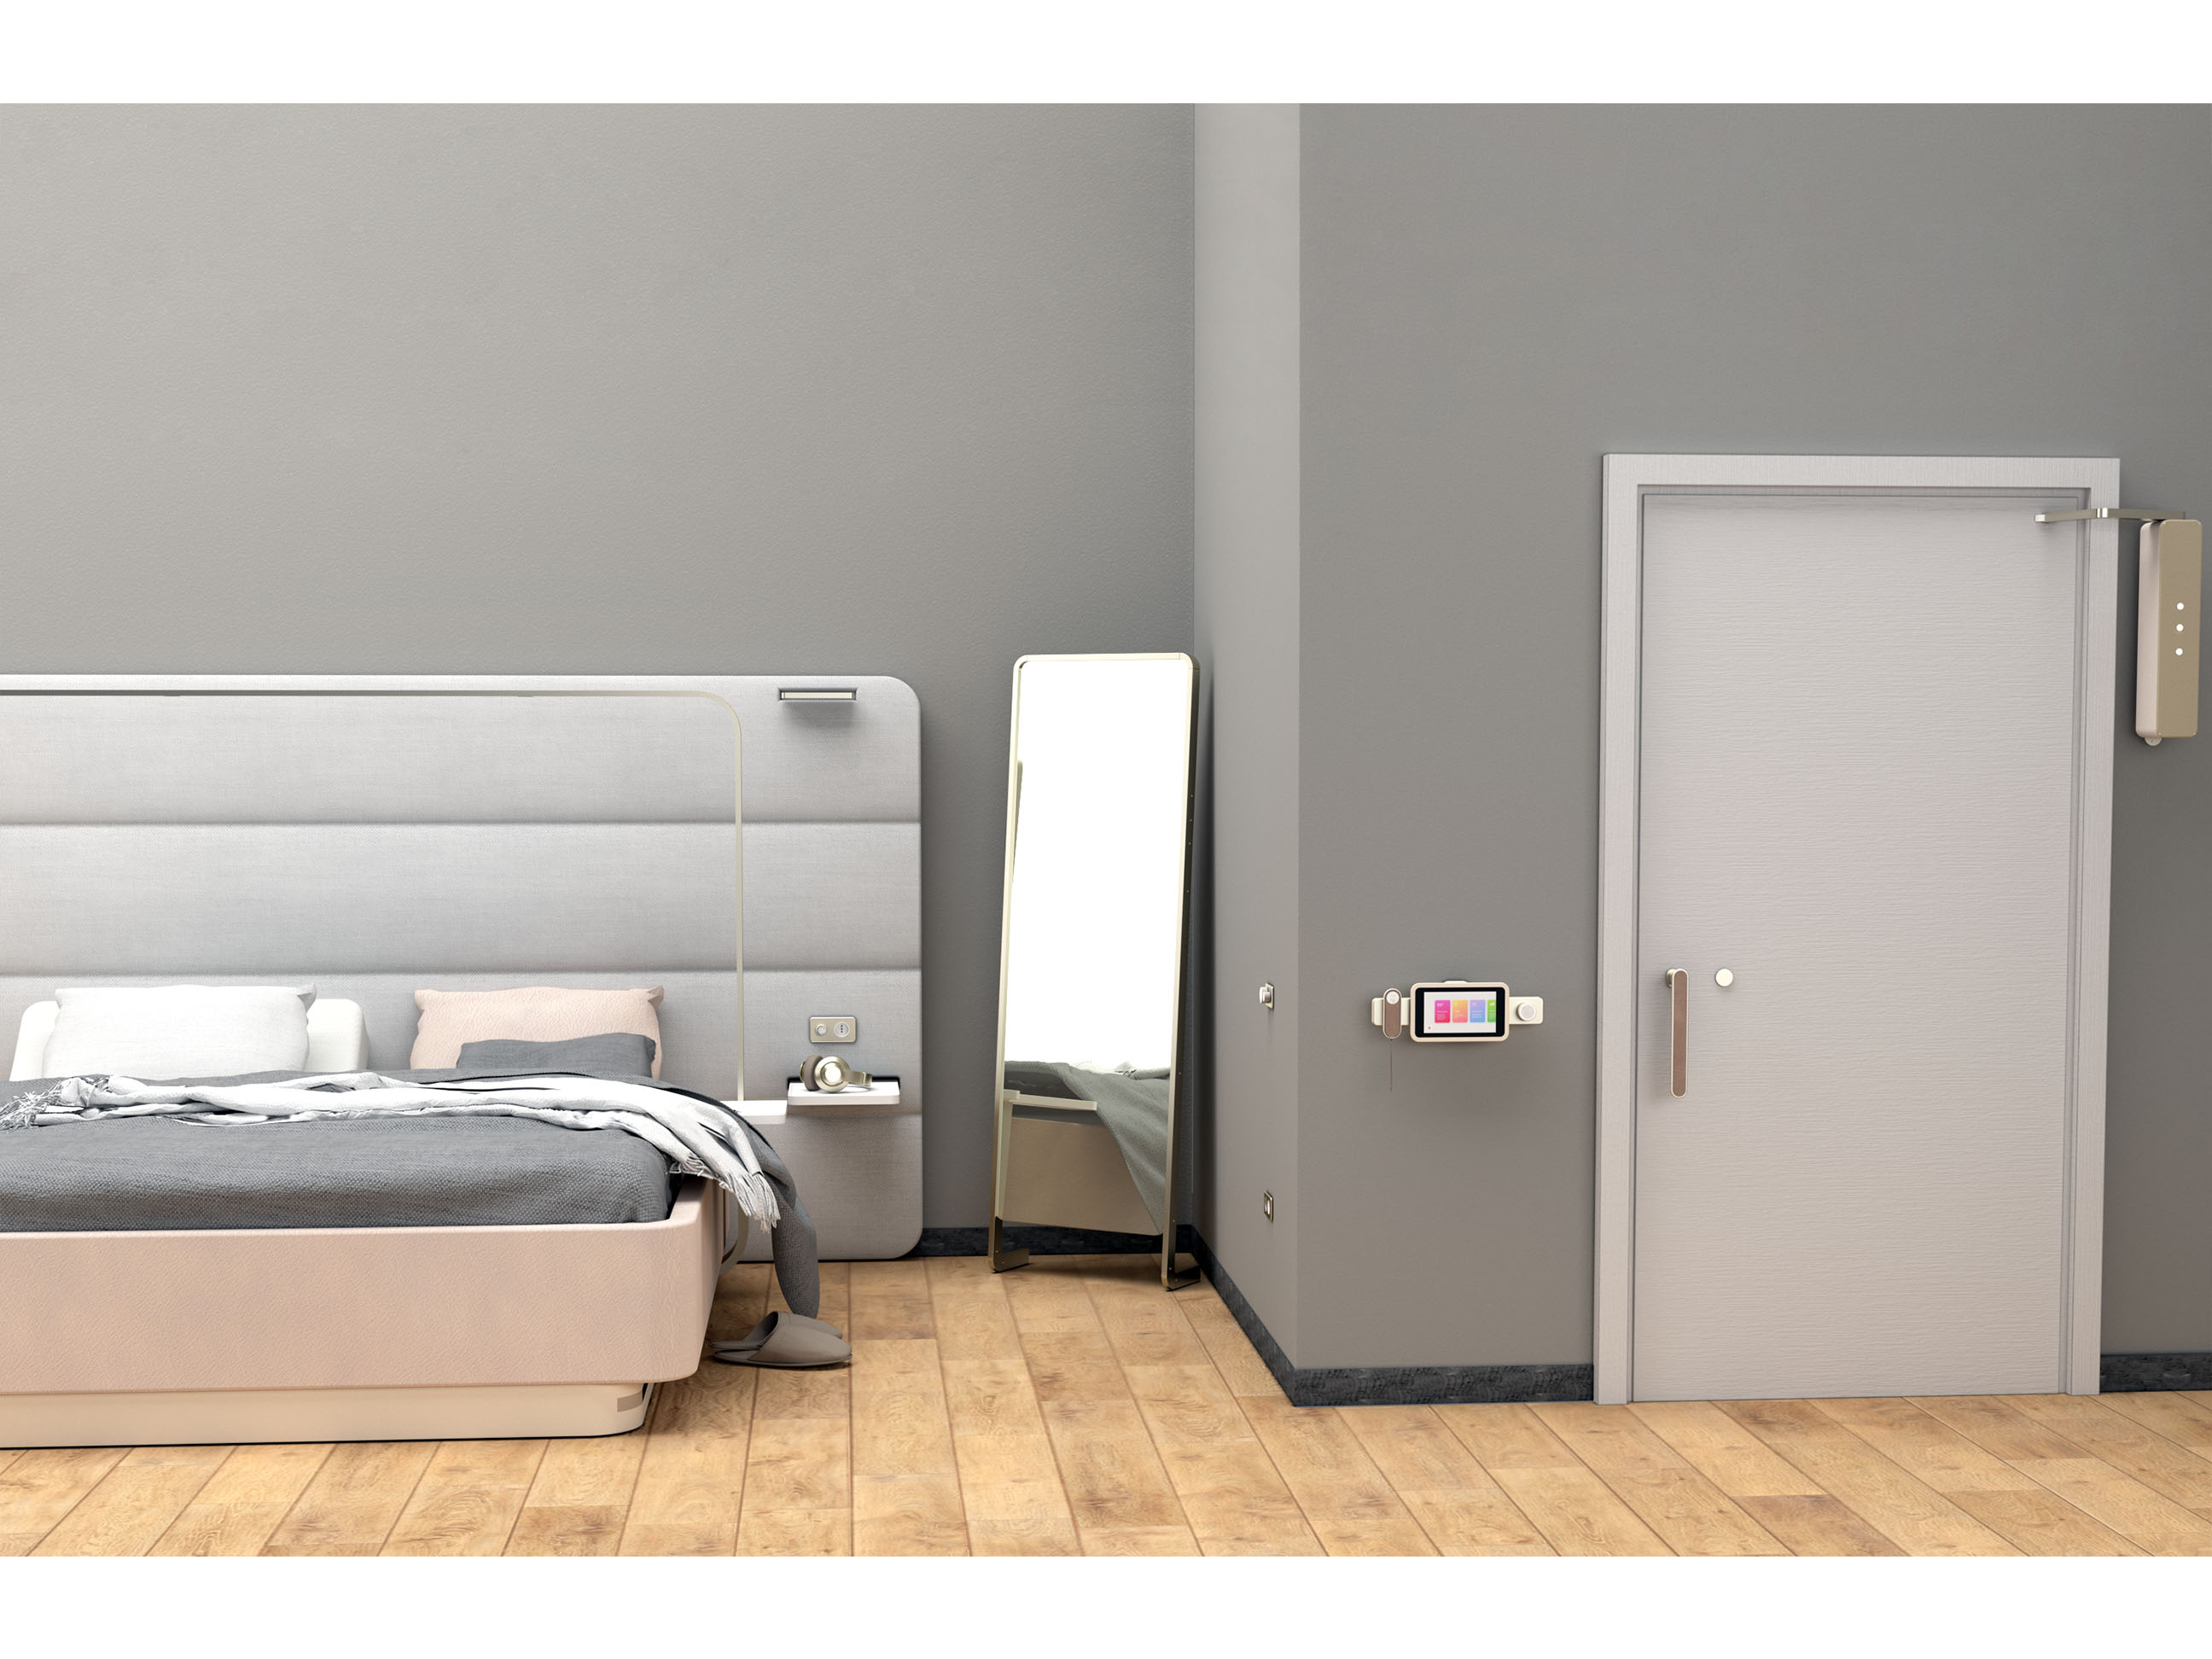 dettaglio della camera Twee con la testiera del letto, lo specchio e la porta d'ingresso